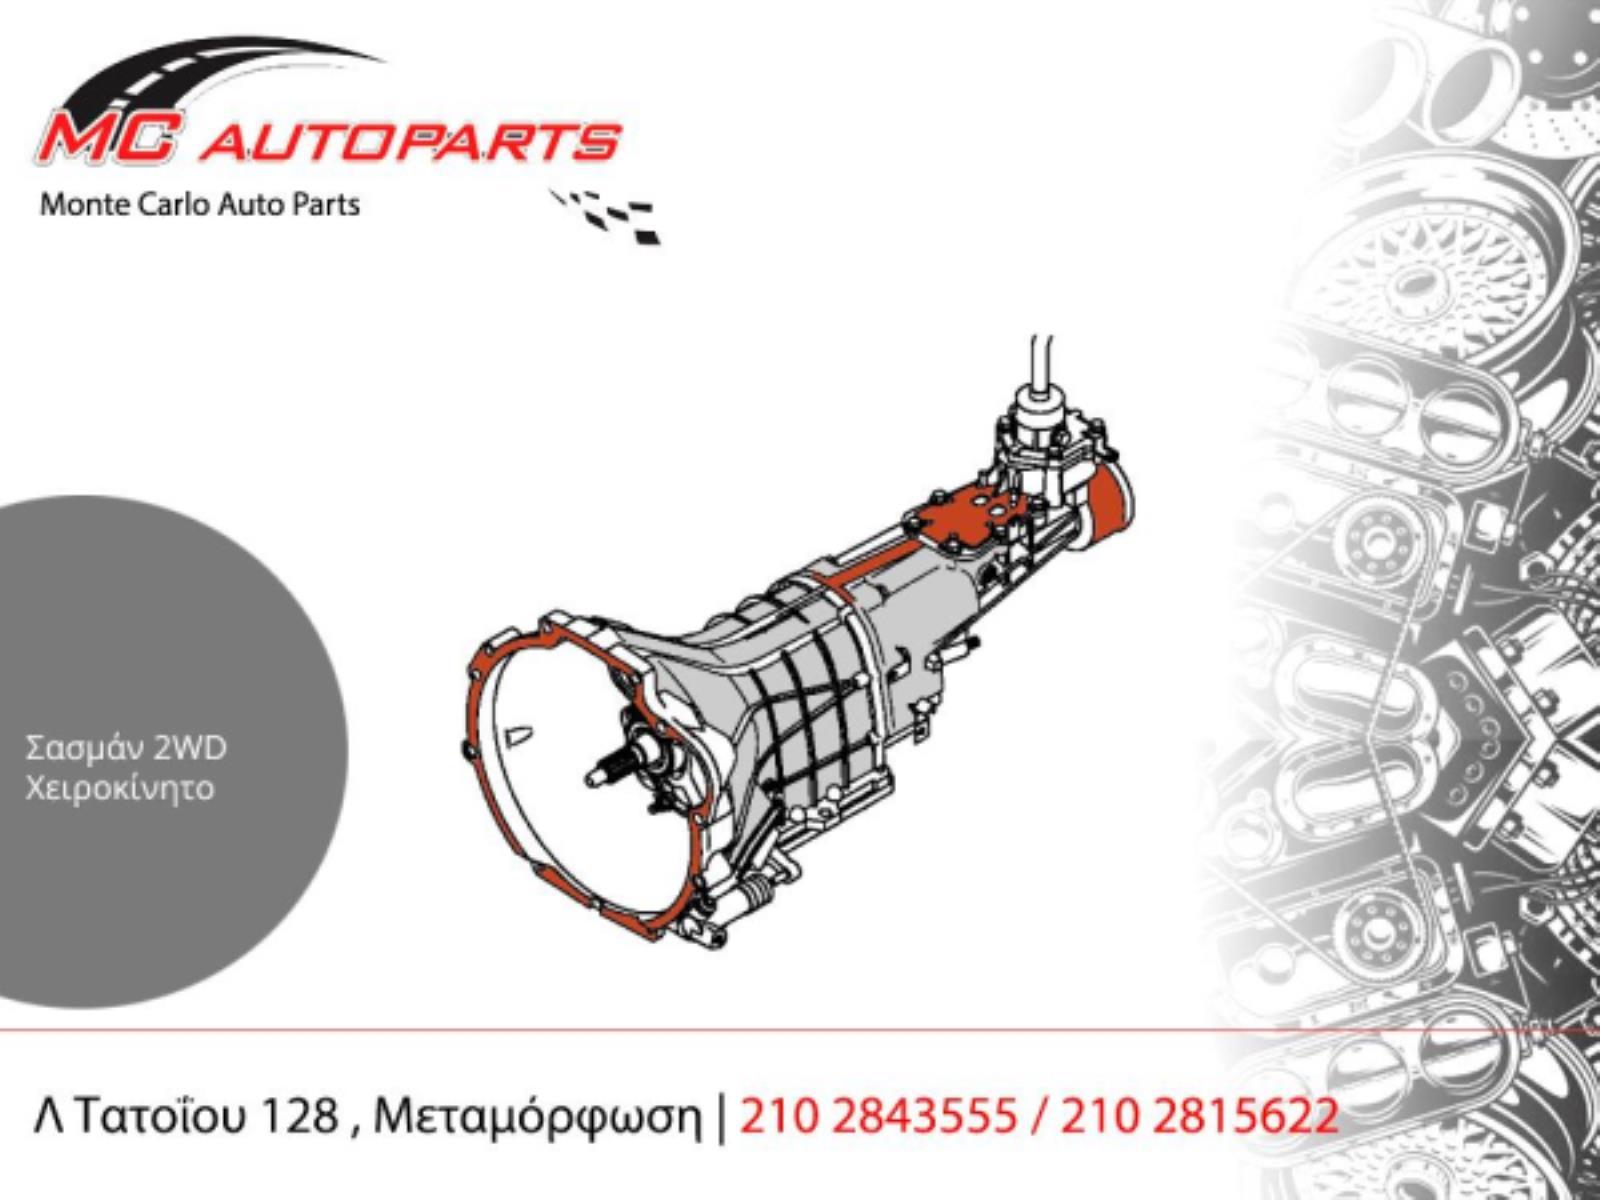 Εικόνα από Σασμάν 2WD  Χειροκίνητο  FIAT DUCATO (2014-...)  F1AG   σπασμένο καβούκι για ανταλλακτικά, Turbo Diesel Multijet